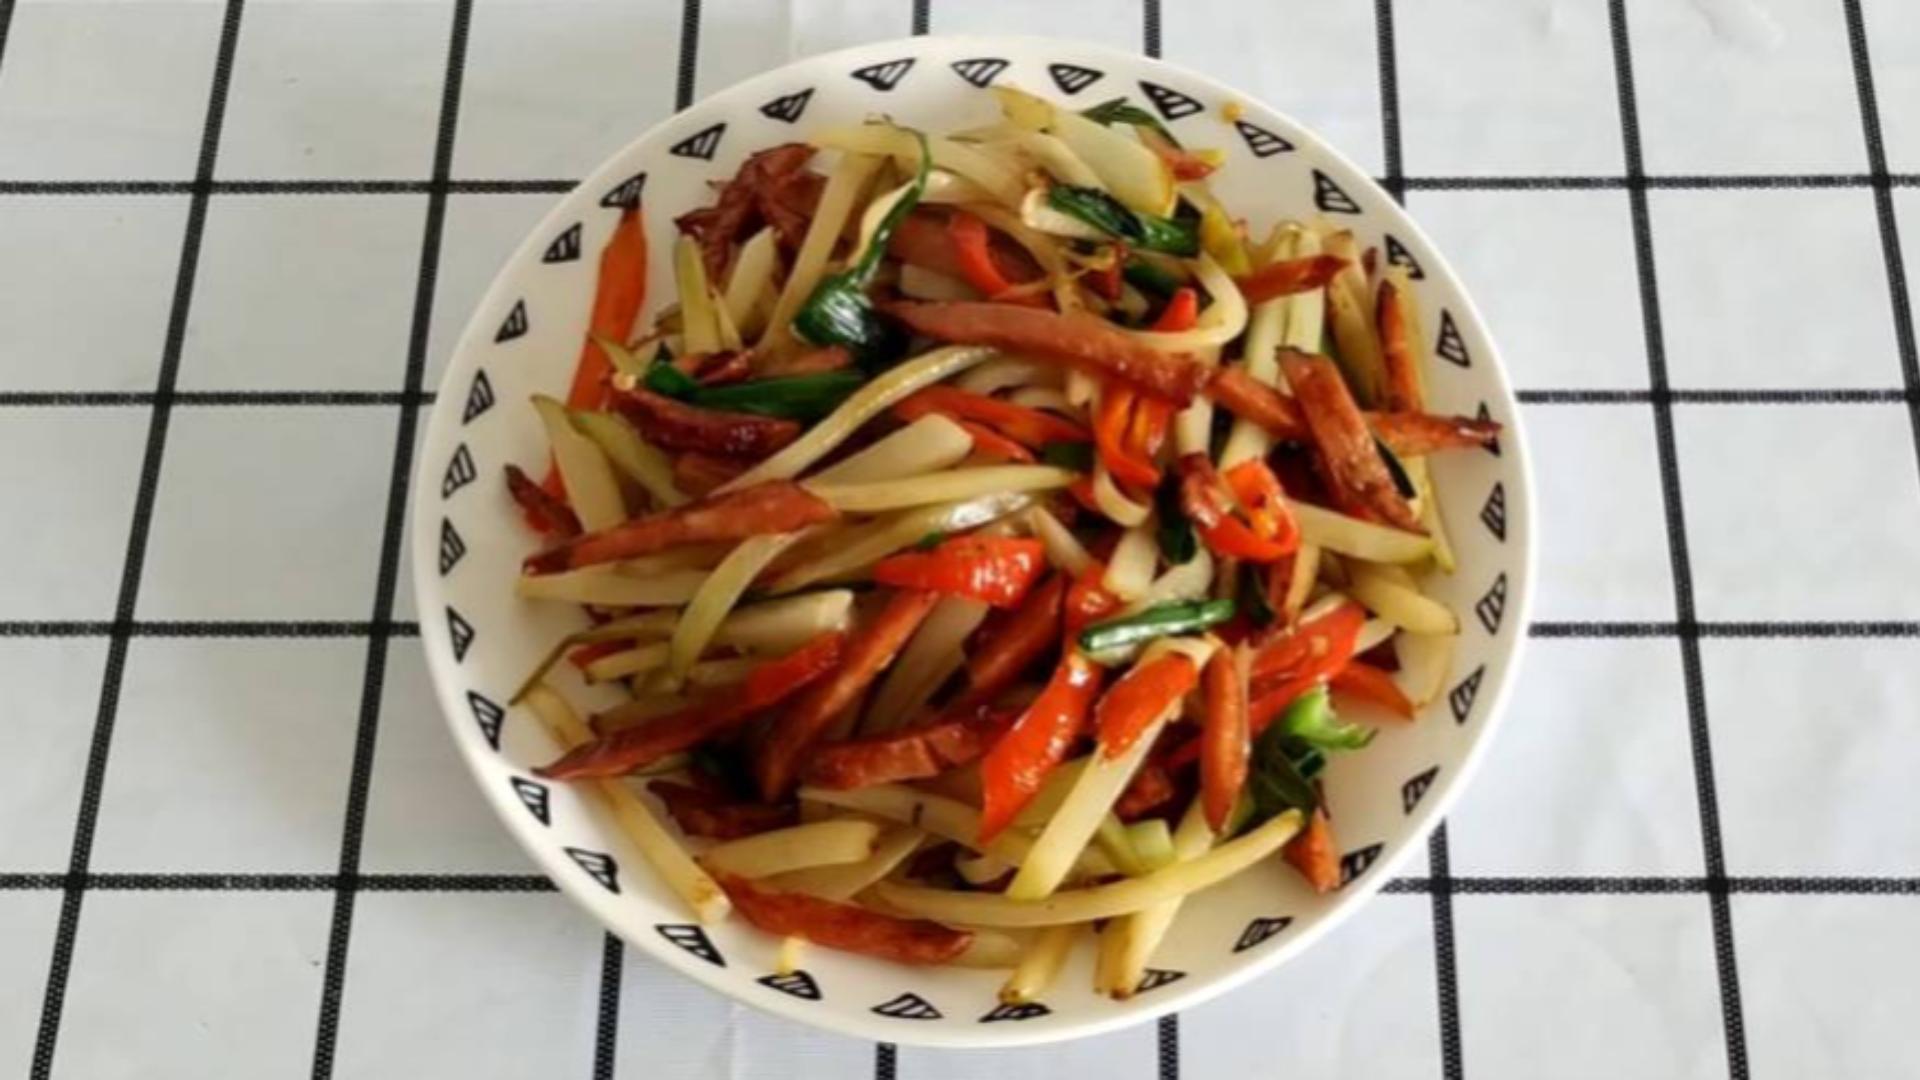 特色下饭菜,腌萝卜炒红肠的家常做法,比饭店做的好吃多了